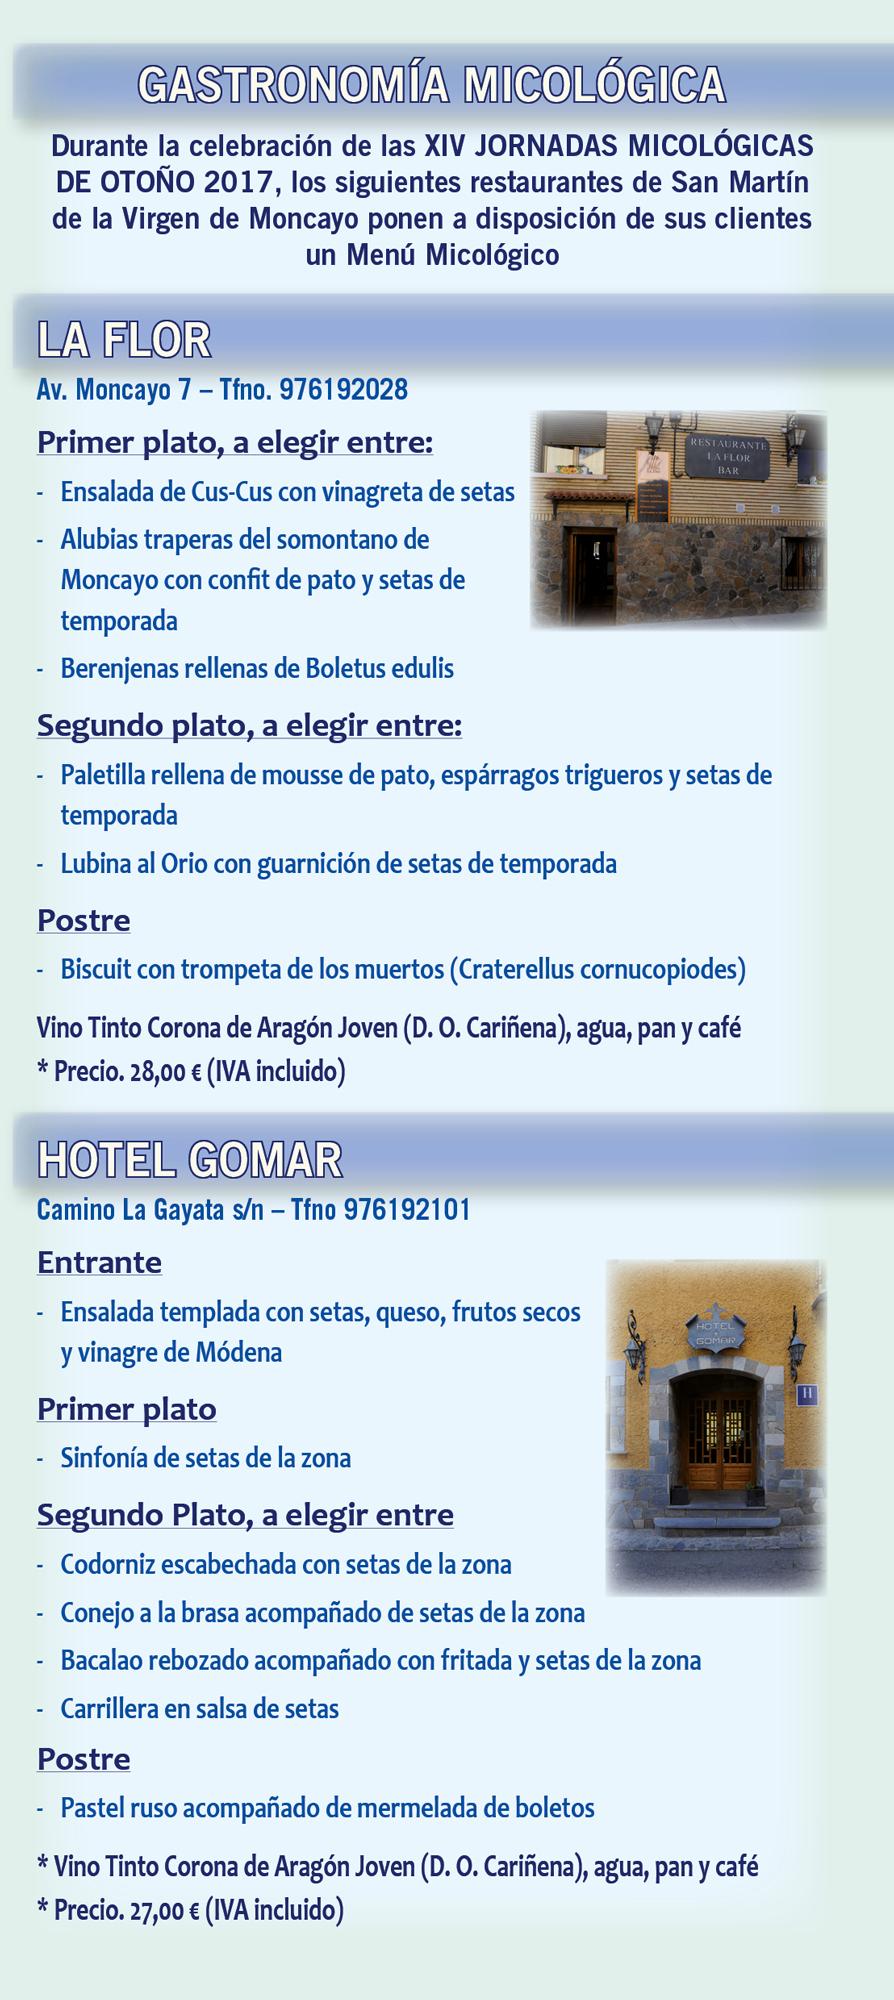 XIV Jornadas Micológicas Otoño 2017 #MicoMoncayo - San Martín de la Virgen de Moncayo - Menús Micologicos